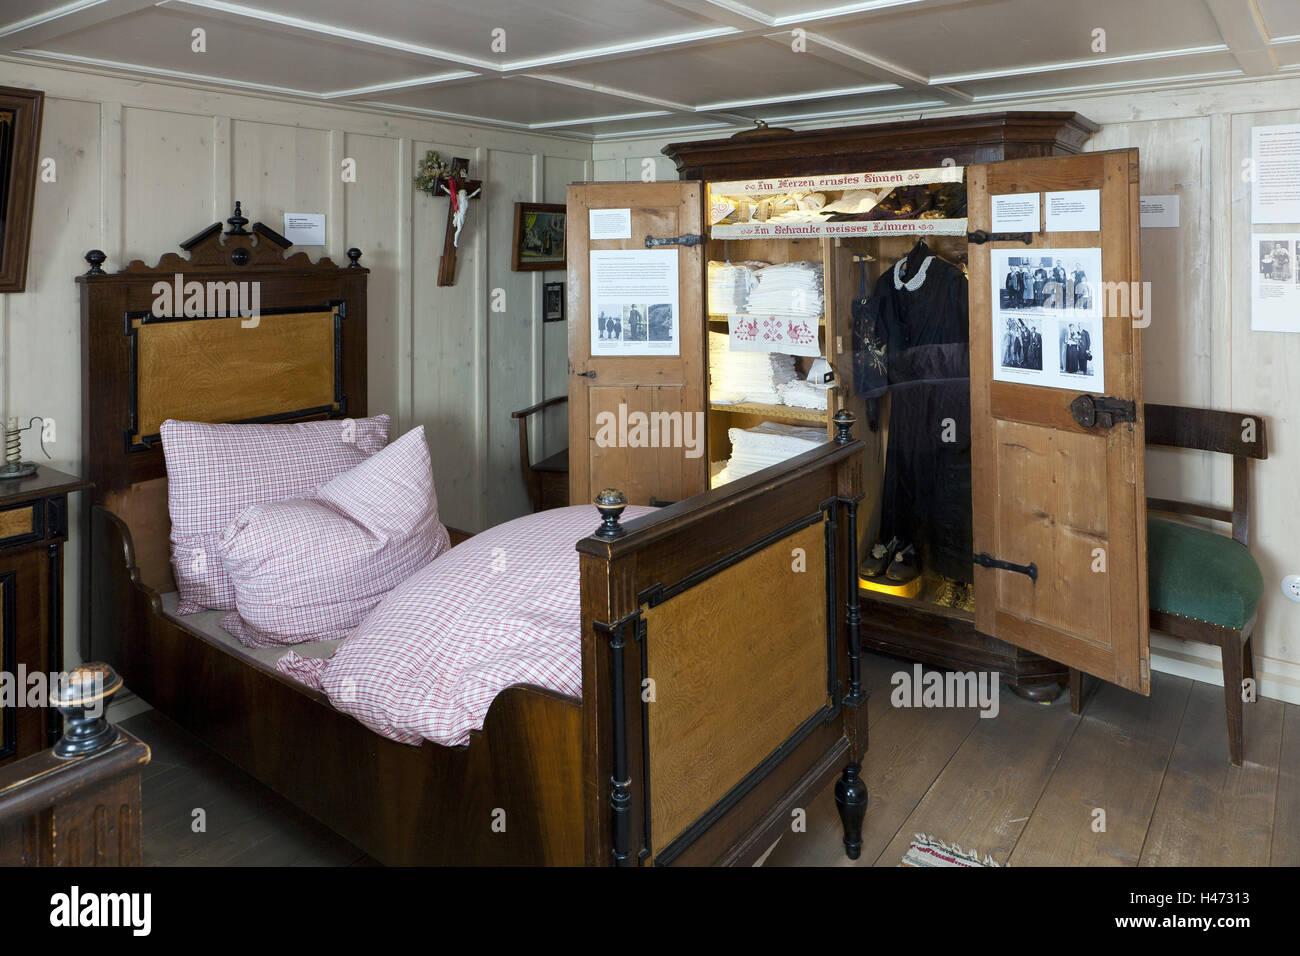 der allg uer berg bauern museum schlaf kammer bett. Black Bedroom Furniture Sets. Home Design Ideas